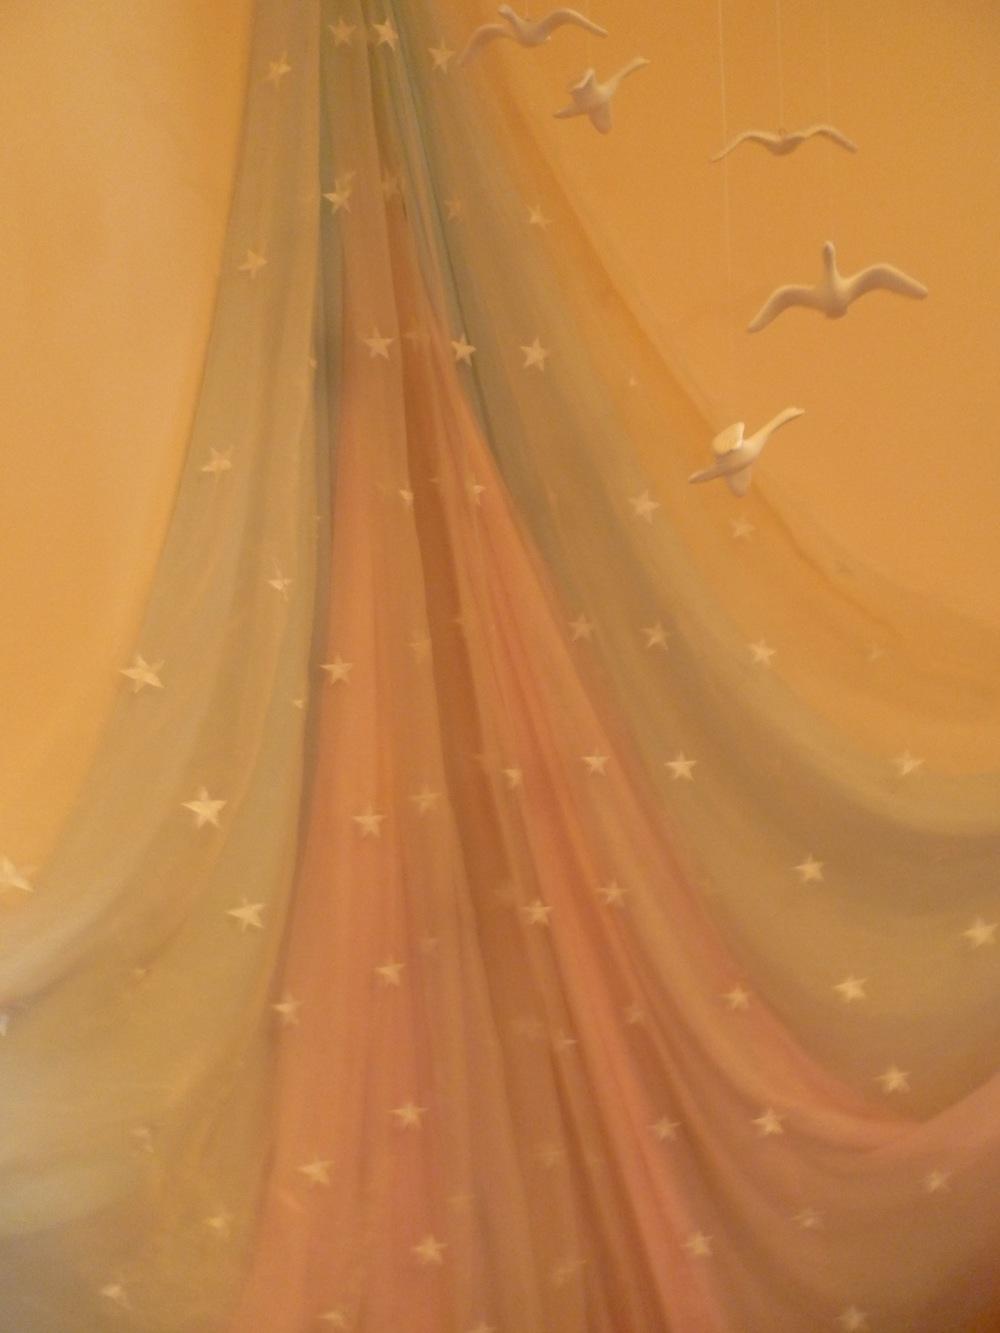 Veils and birds.jpg